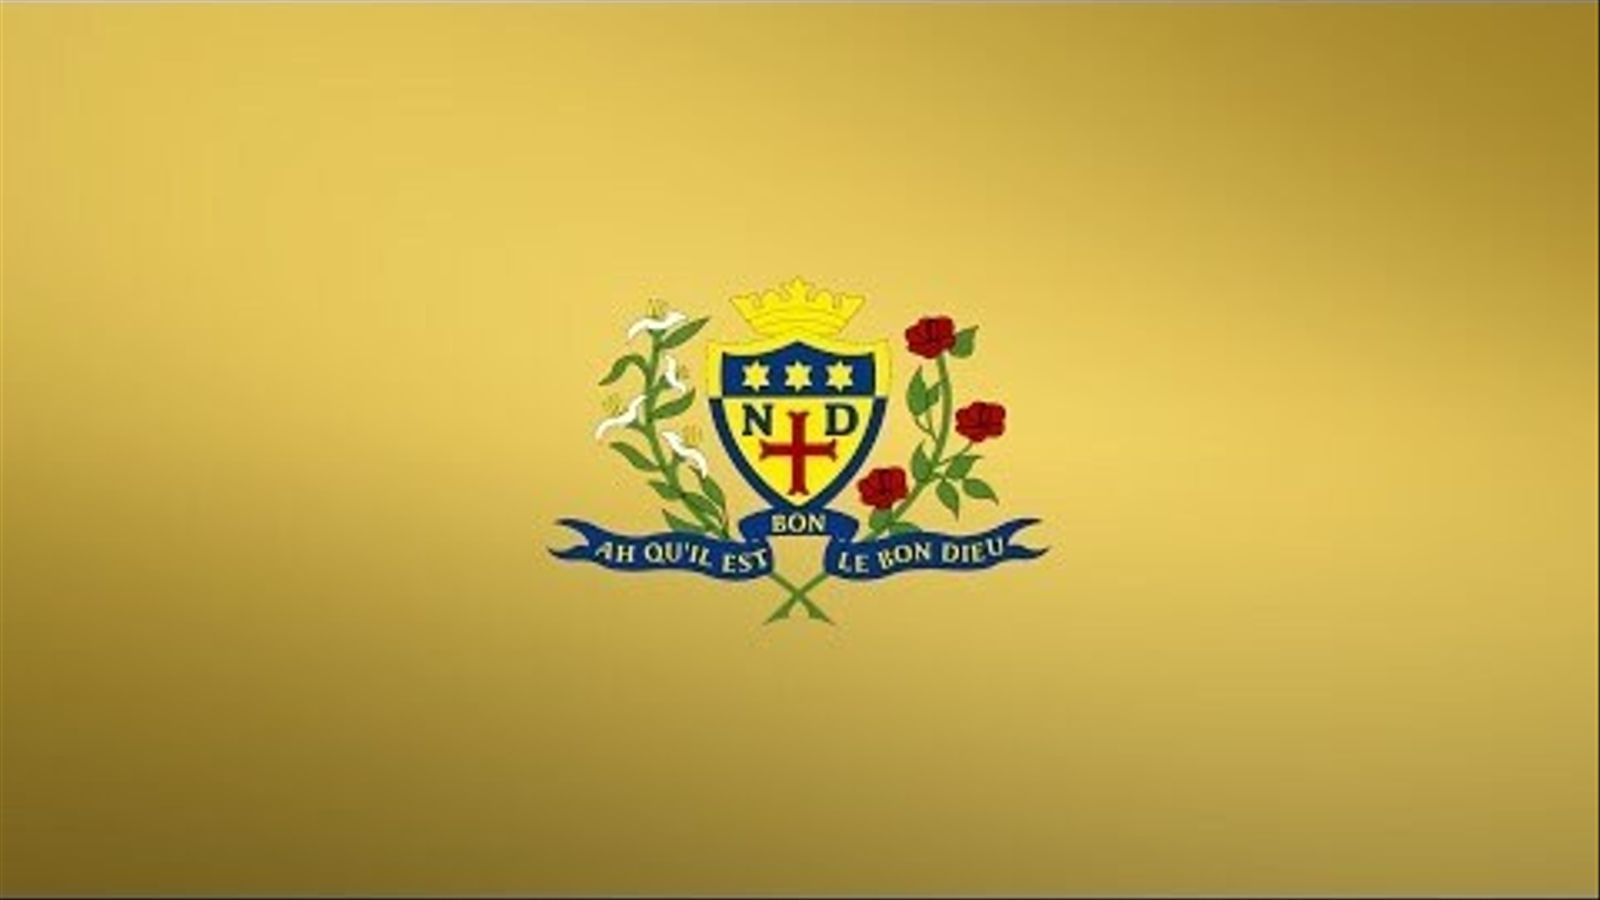 Vídeo promocional de la Notre Dame High School, de Glasgow